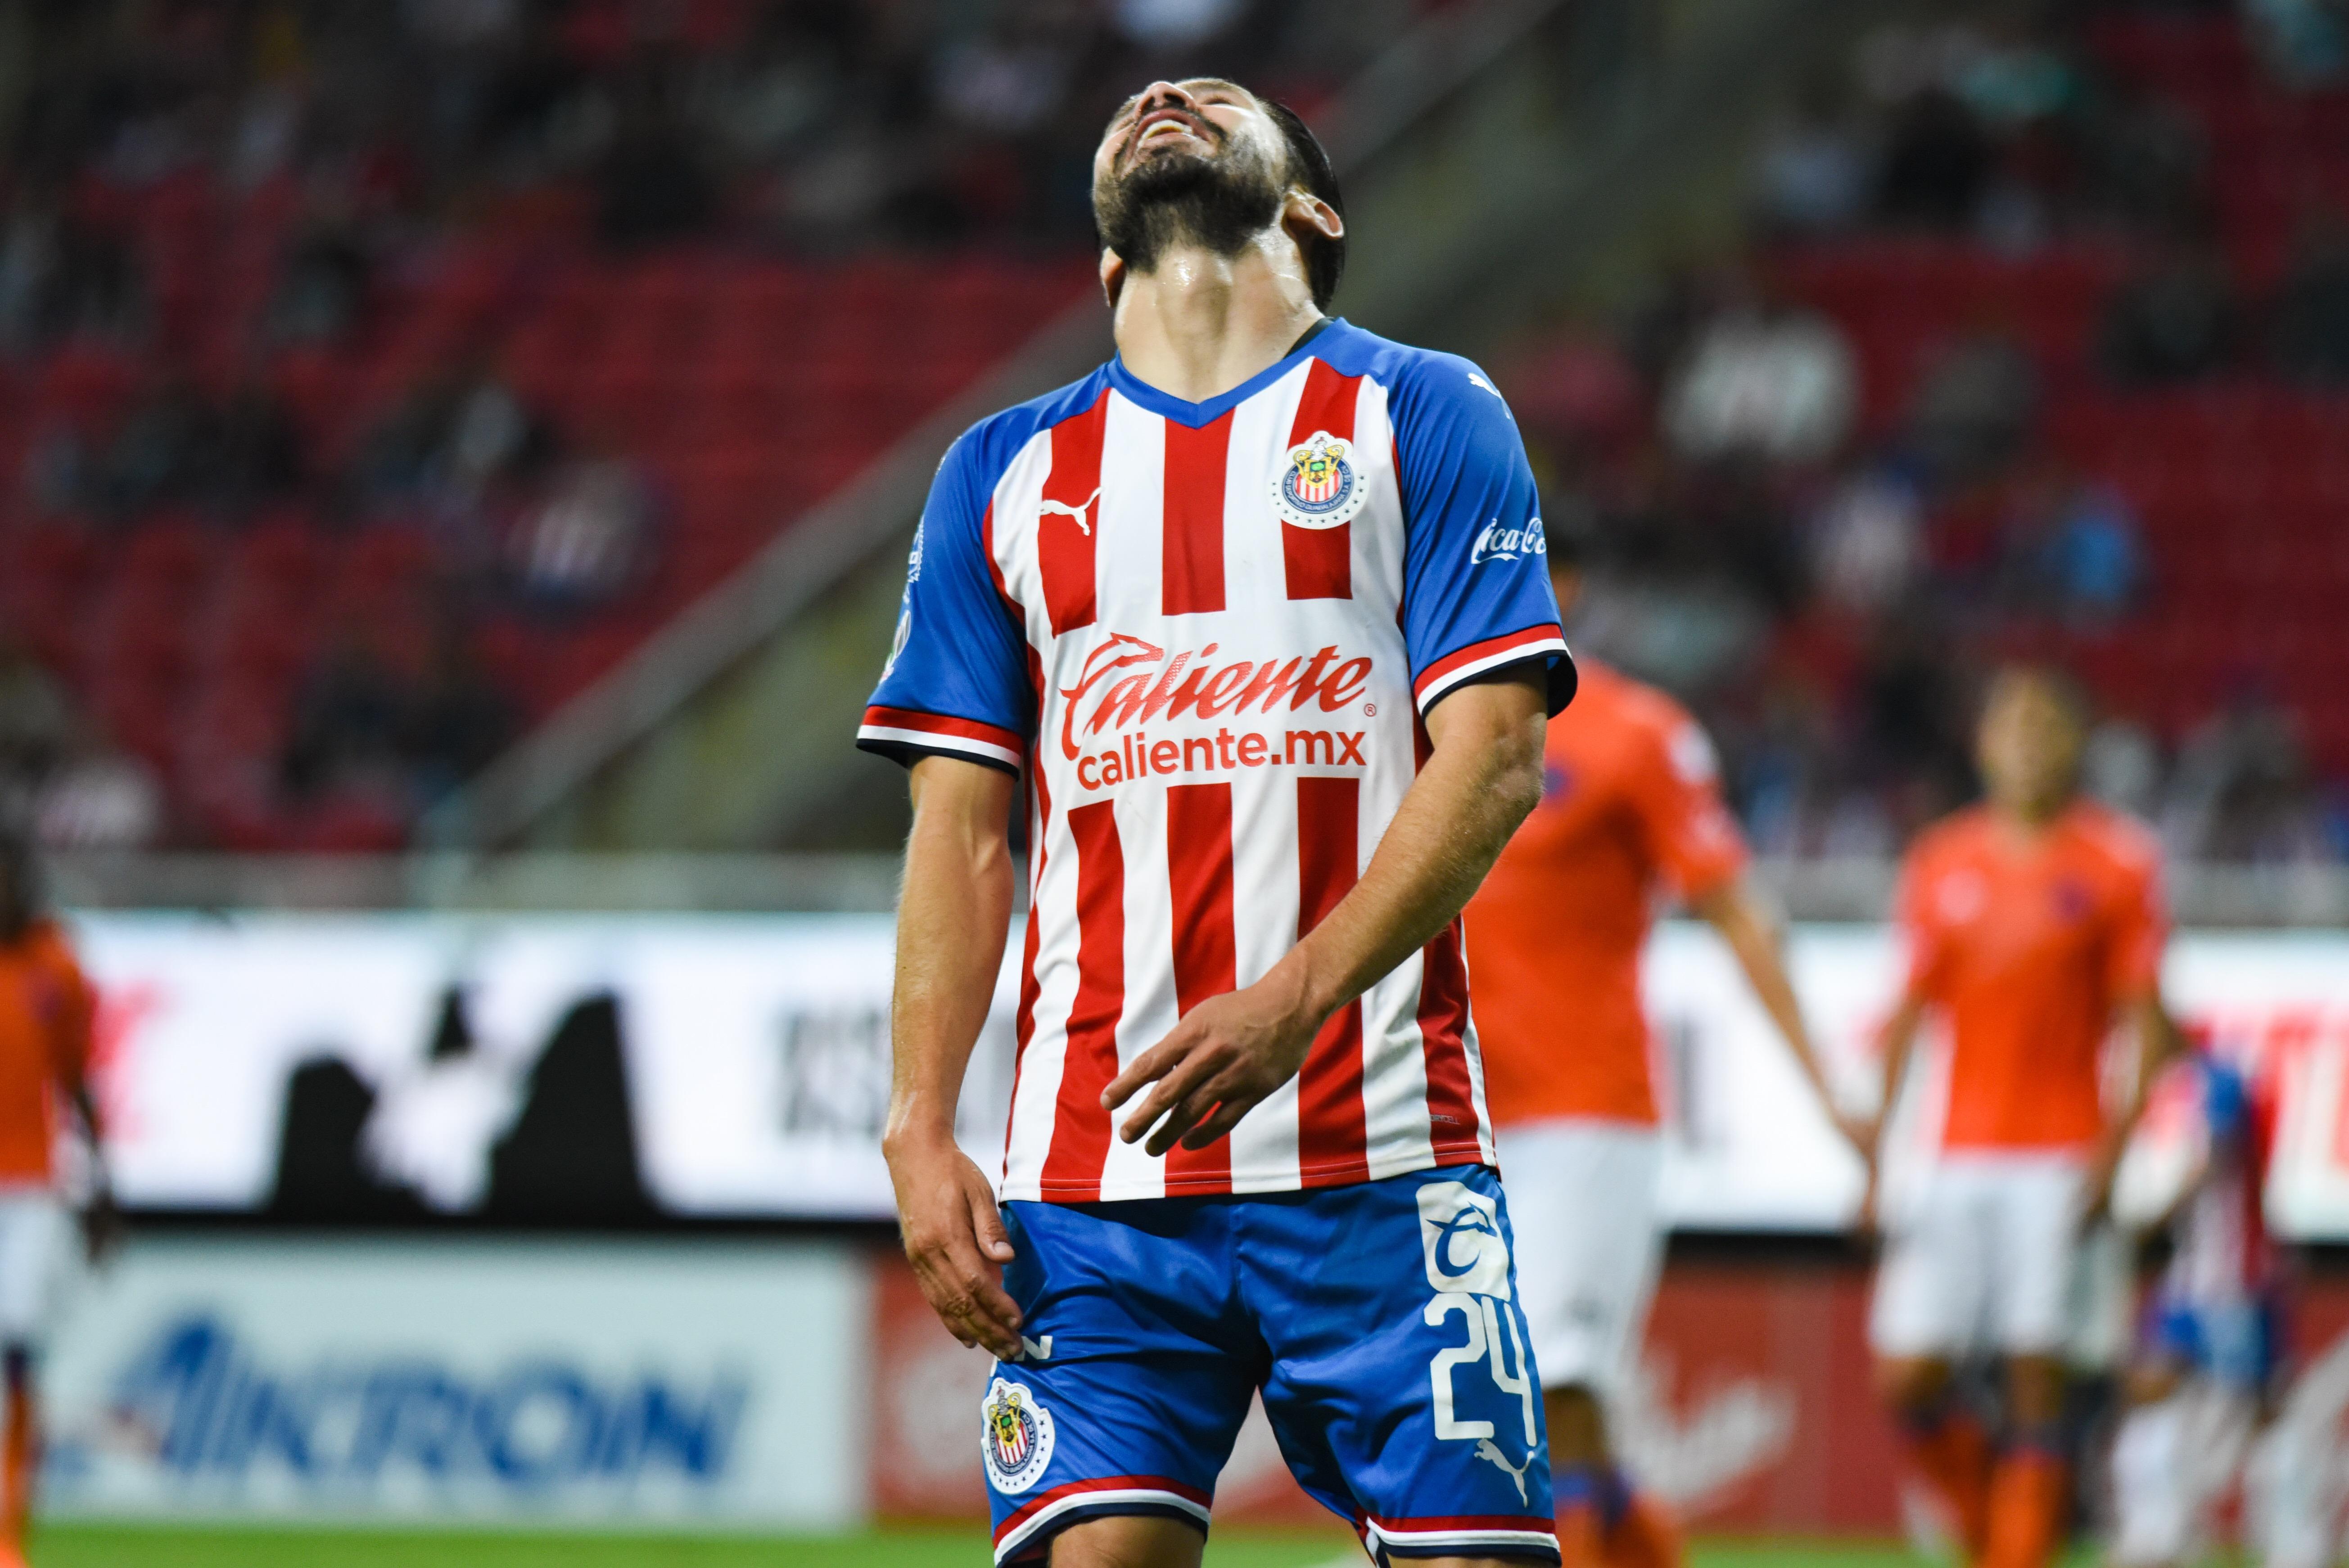 Oribe Peralta enfrenta la peor sequía goleadora en su carrera